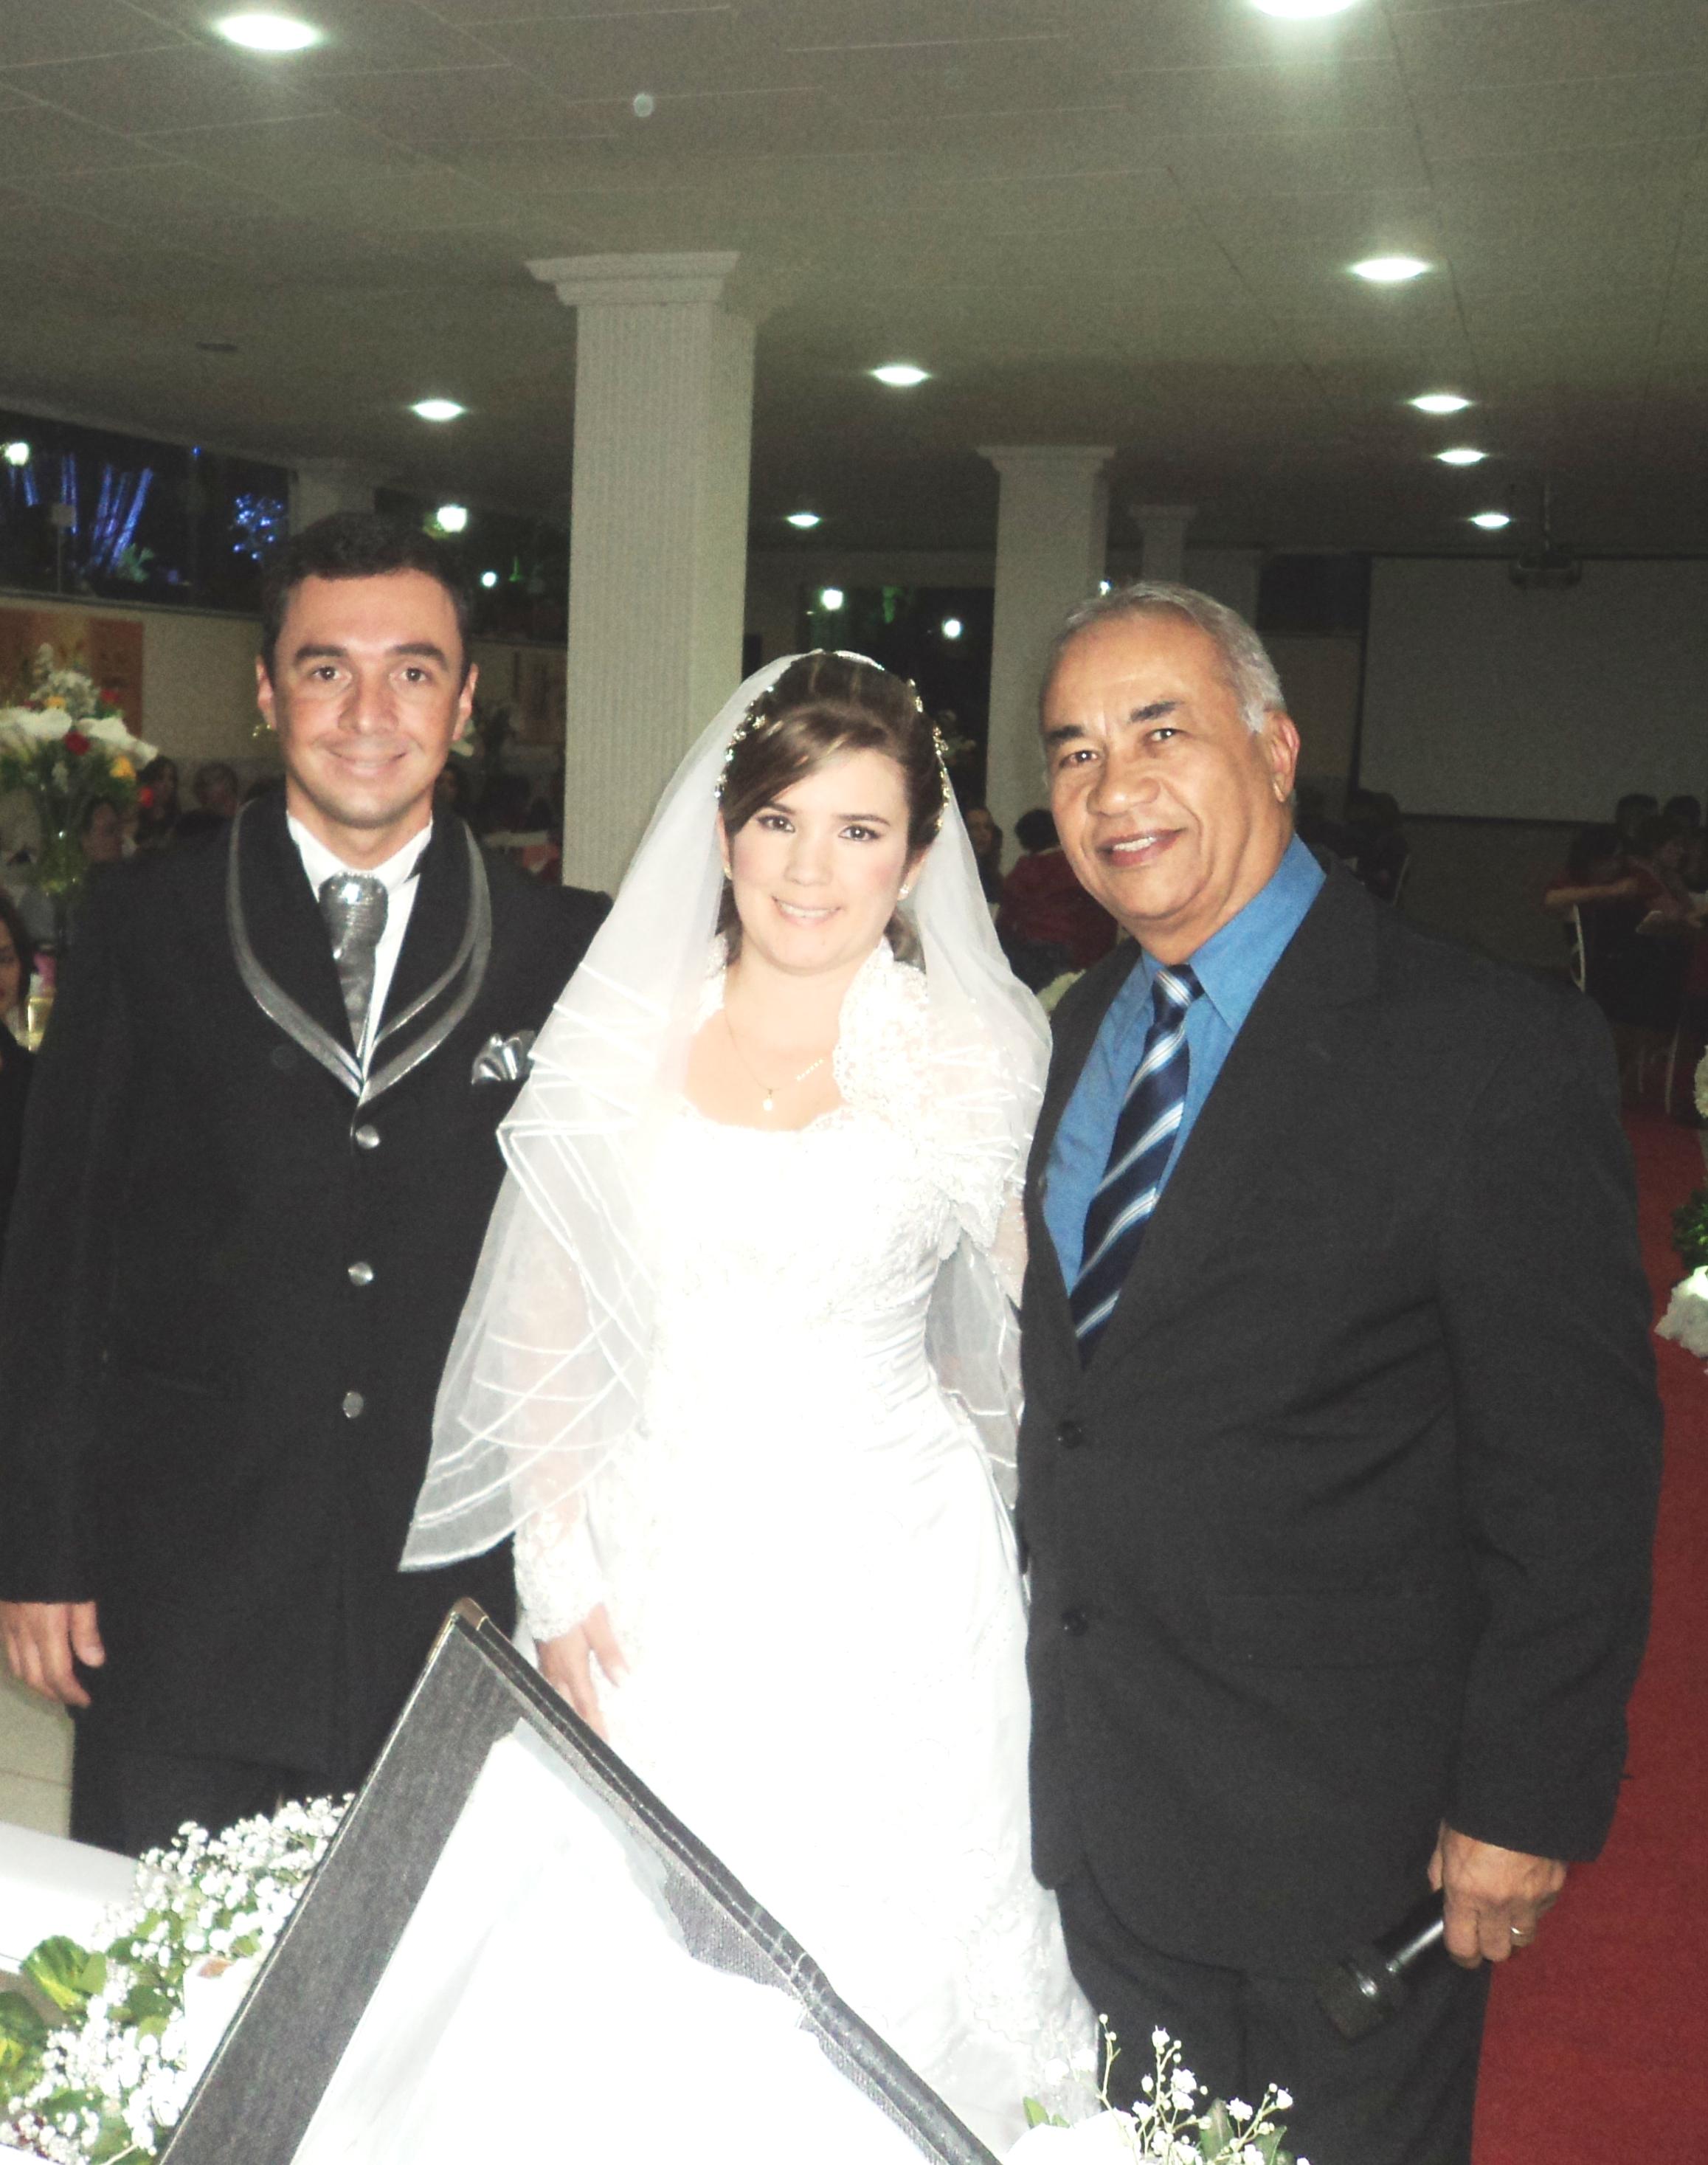 foto boa Tulio com noivos Manoel Felipe e Juliana Vieira